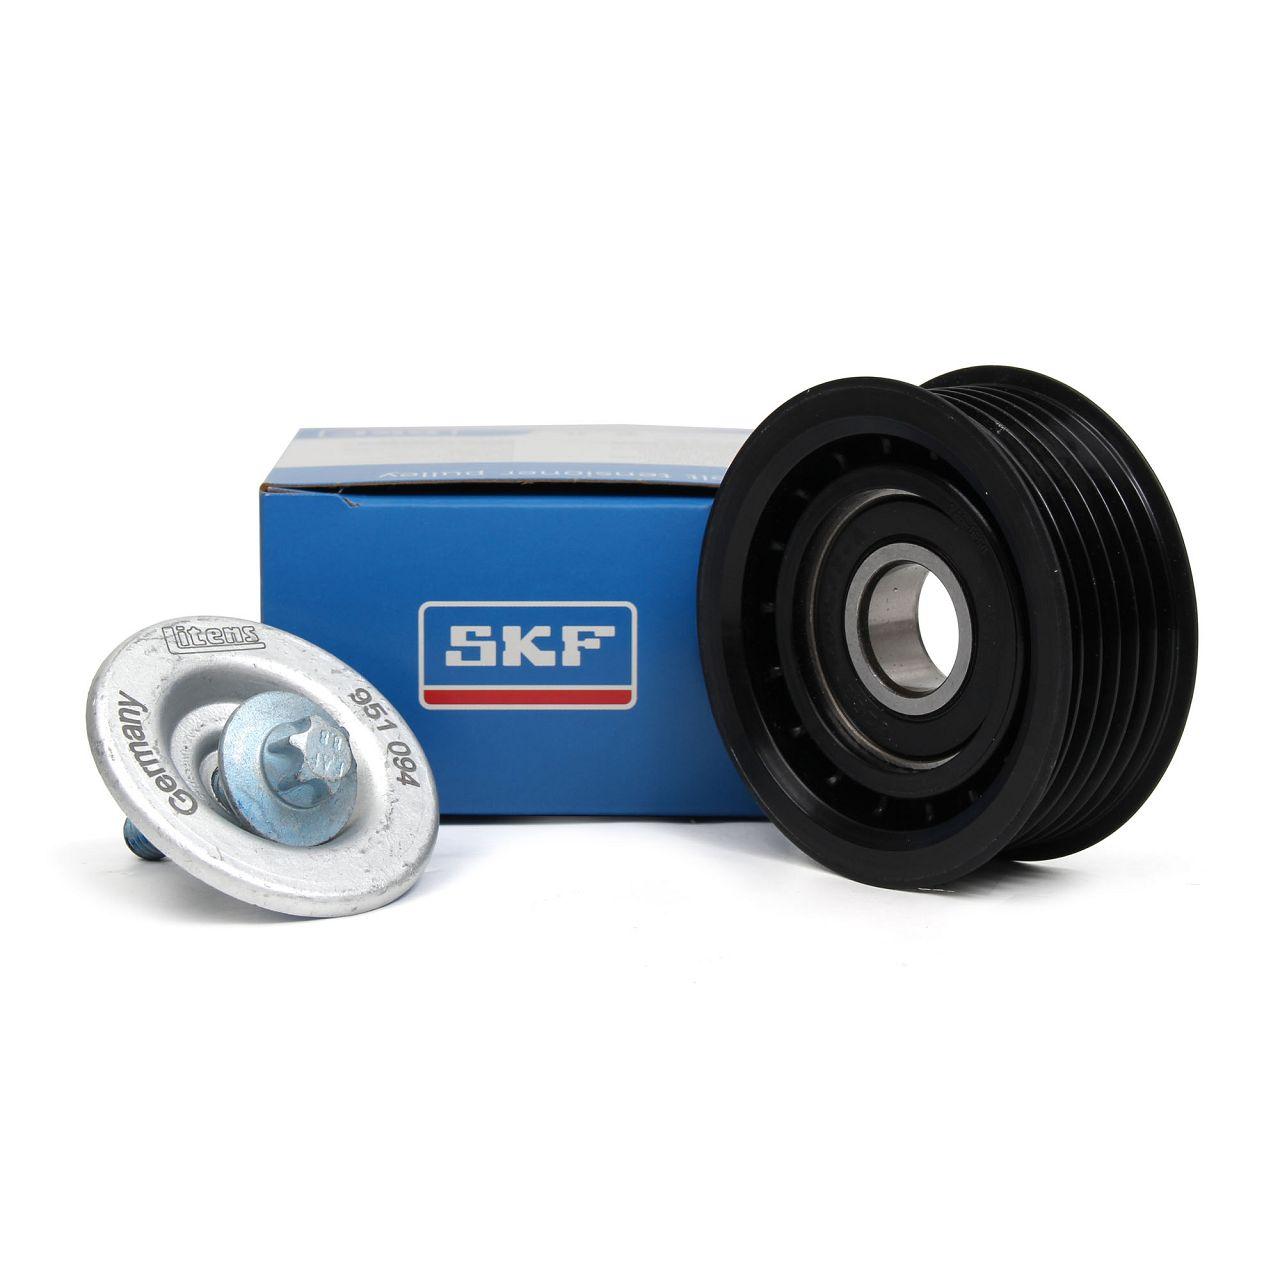 SKF Umlenkrolle Keilrippenriemen VKM38527 für MERCEDES W204 C63 AMG W212 E63 AMG